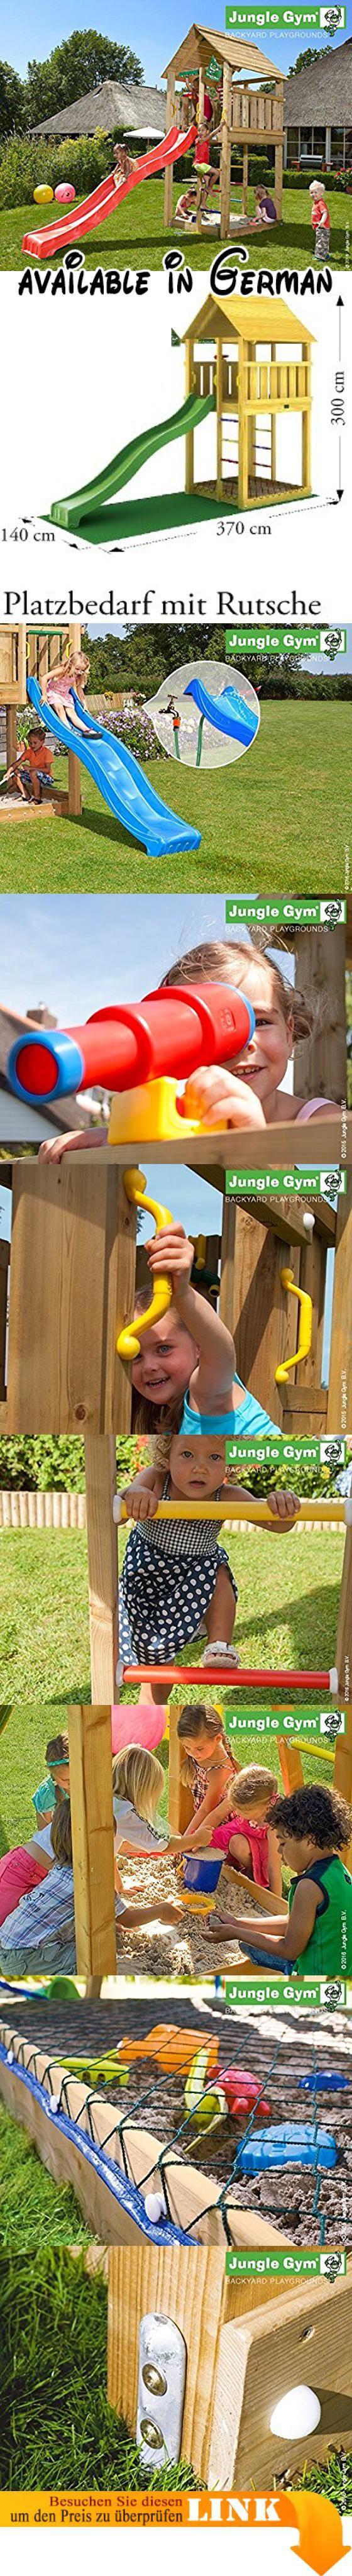 Die besten 25+ Wellenrutsche Ideen auf Pinterest | Kinderrutsche ...